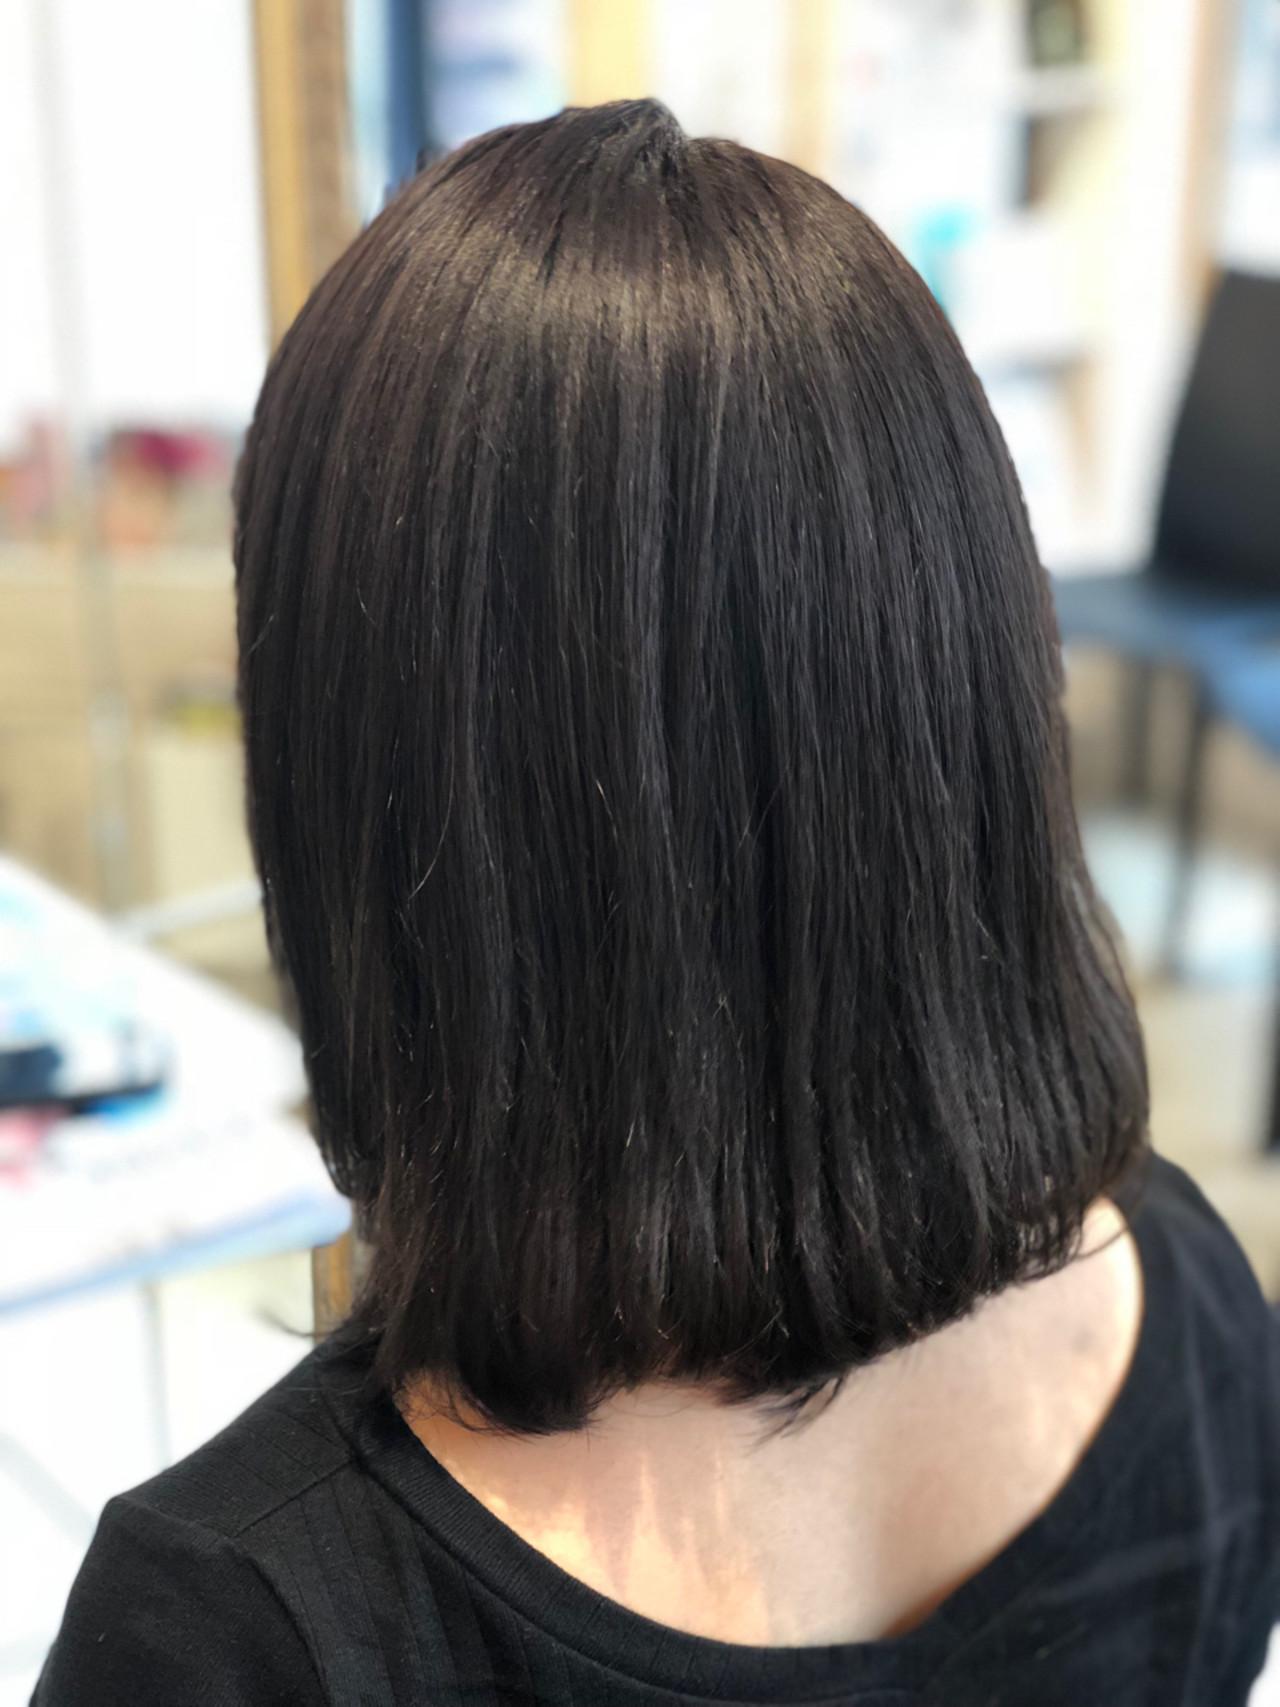 ブルー ブルージュ 暗髪 ナチュラル ヘアスタイルや髪型の写真・画像